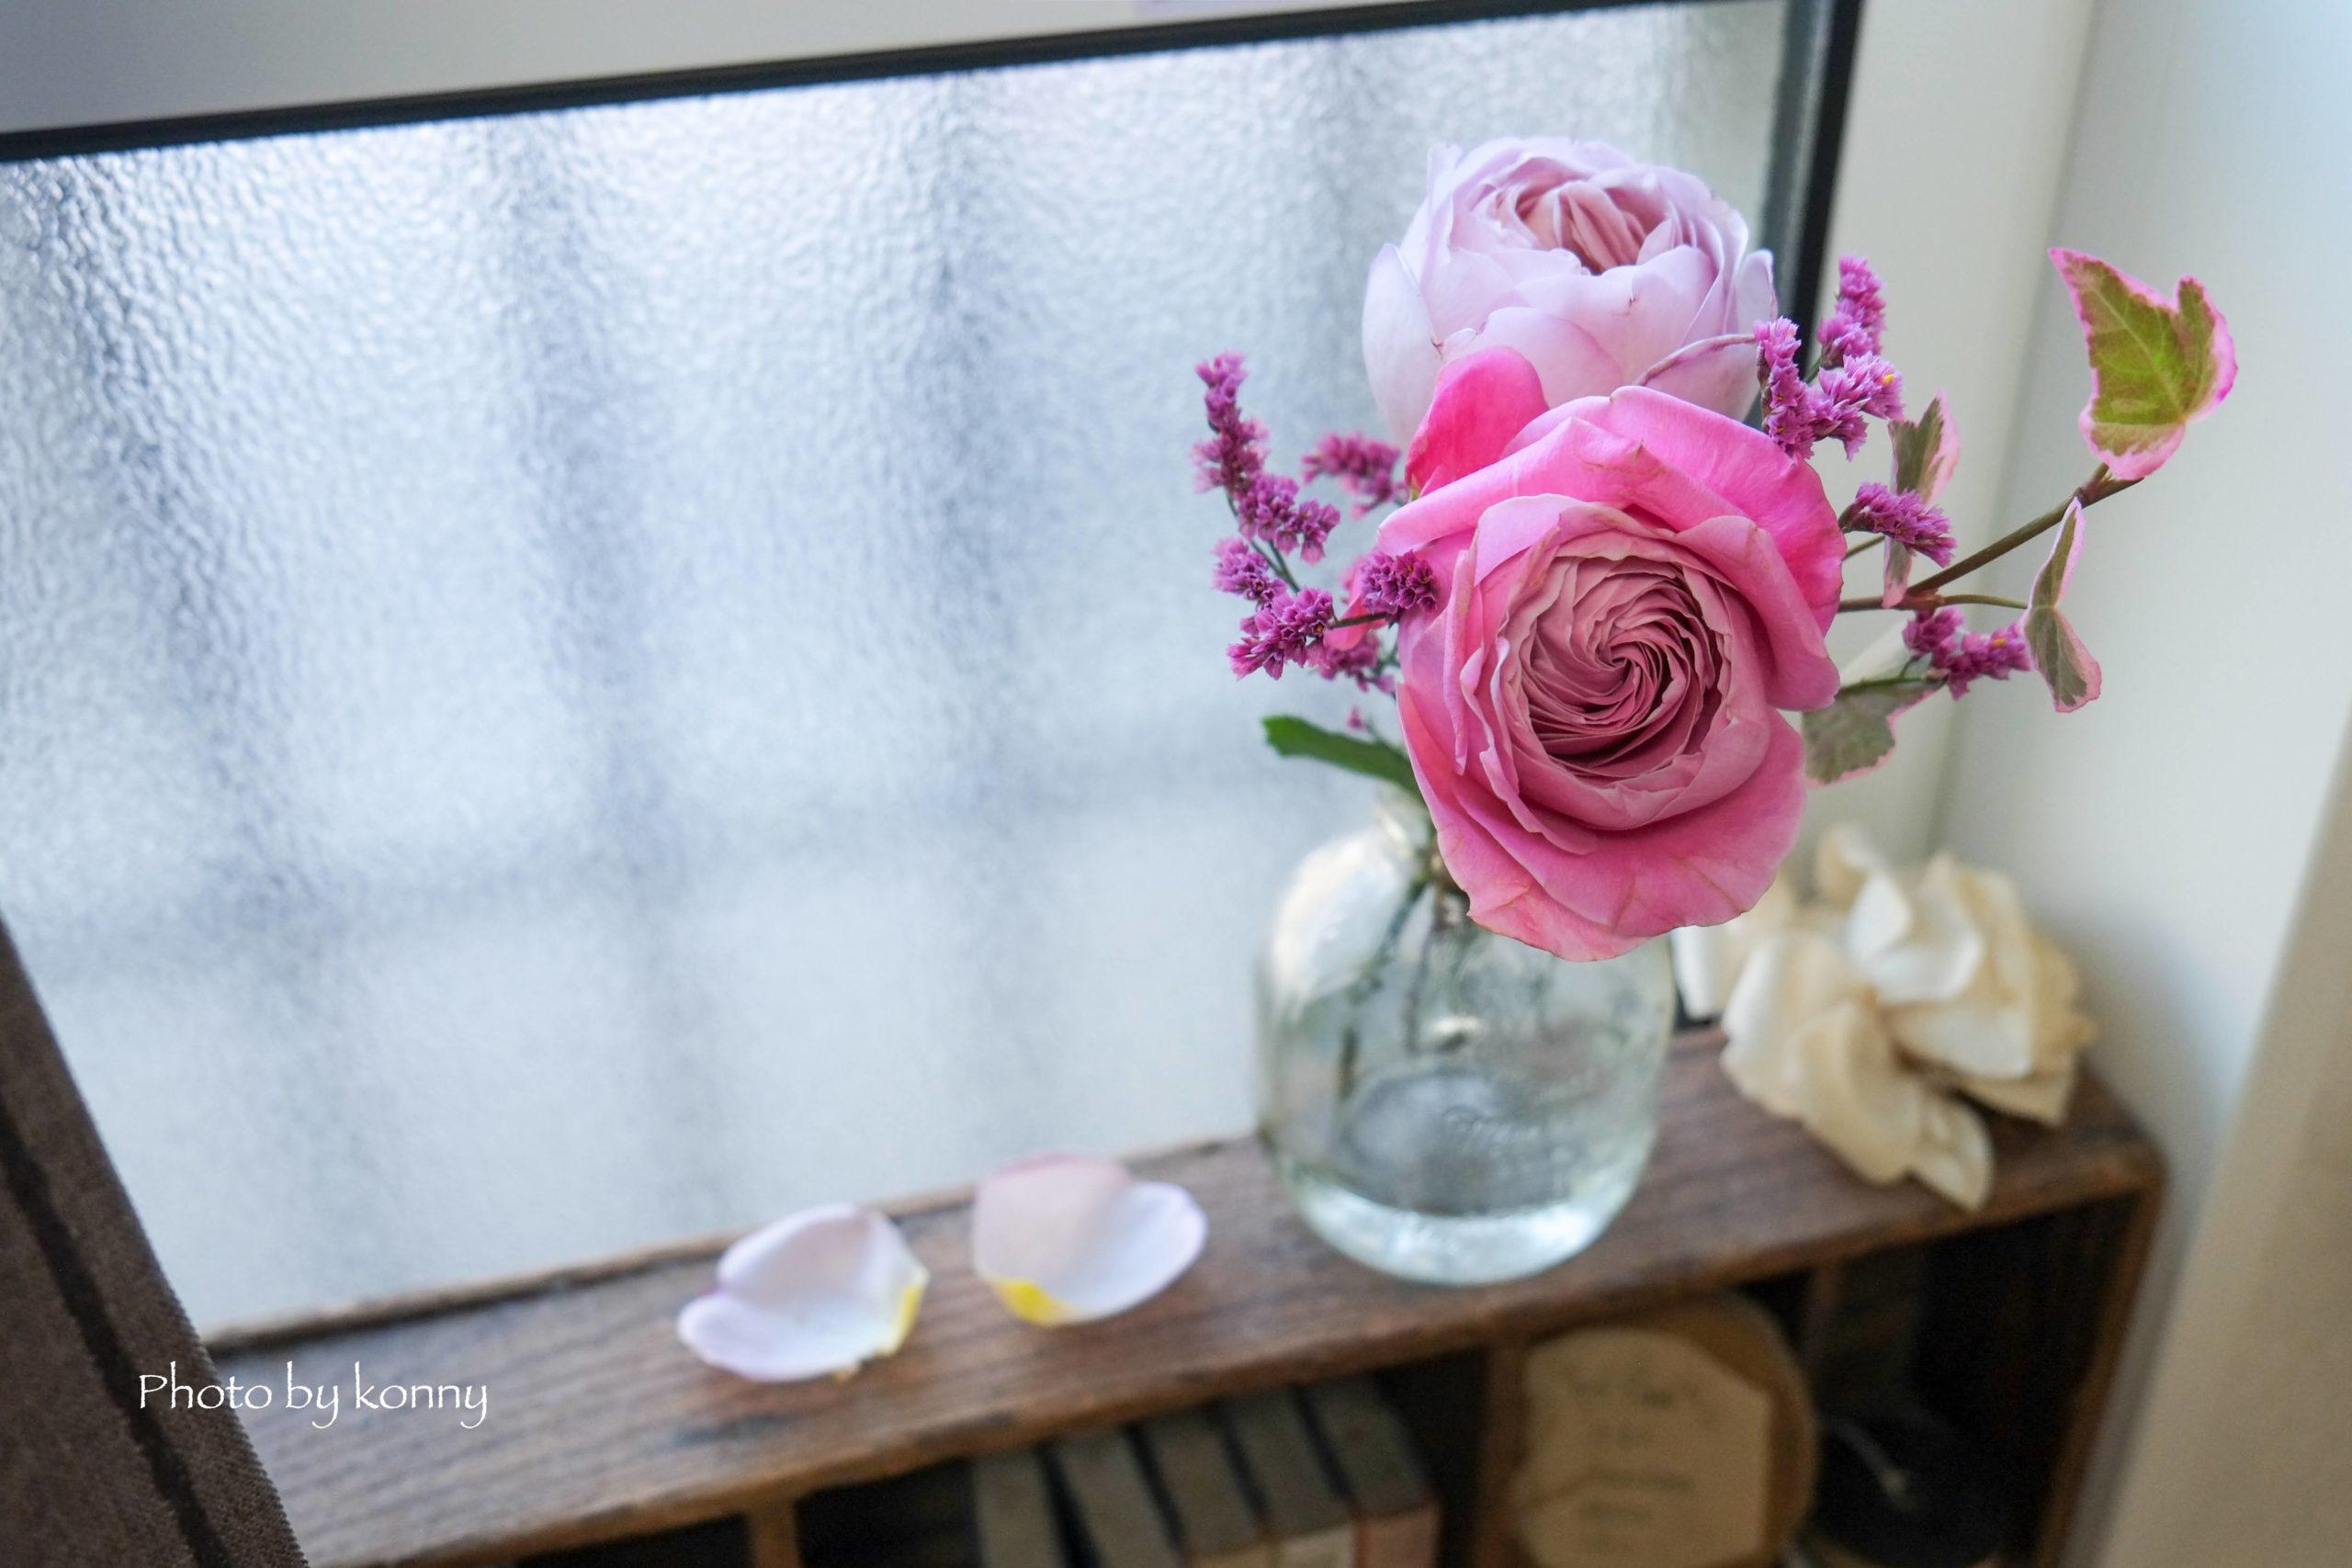 お花のサブスクおすすめ「Bloomee LIFE」の内容